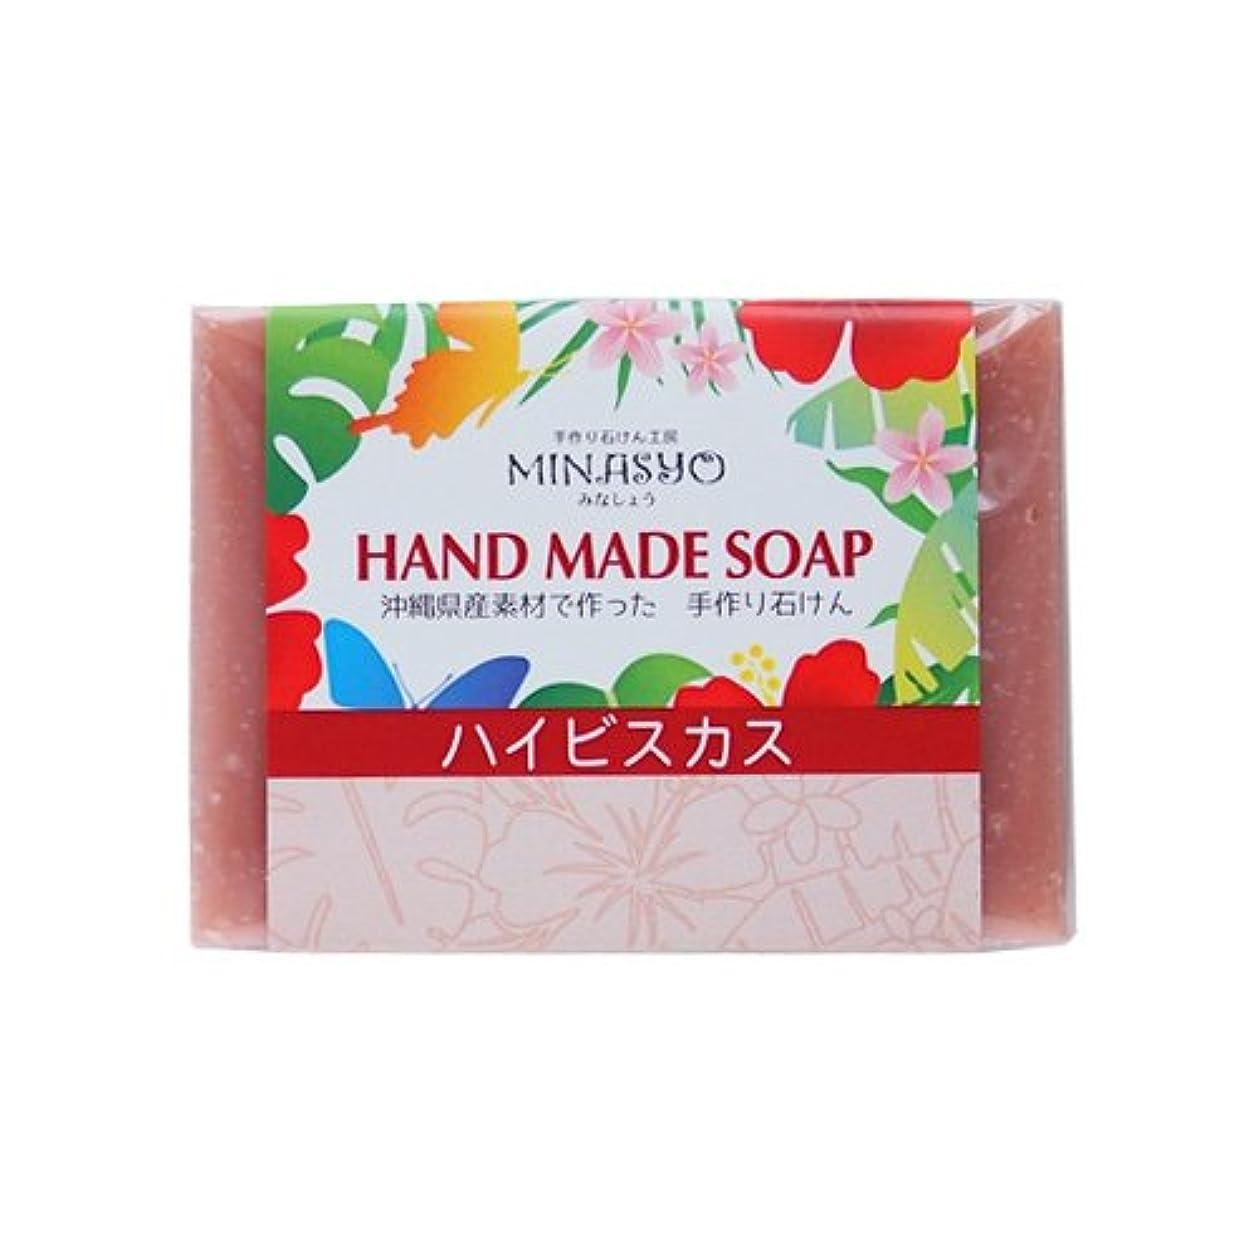 パンフレットプロトタイプフィードバックピンククレイ 洗顔石鹸 無添加 固形 毛穴ケア 手作りローゼル石鹸